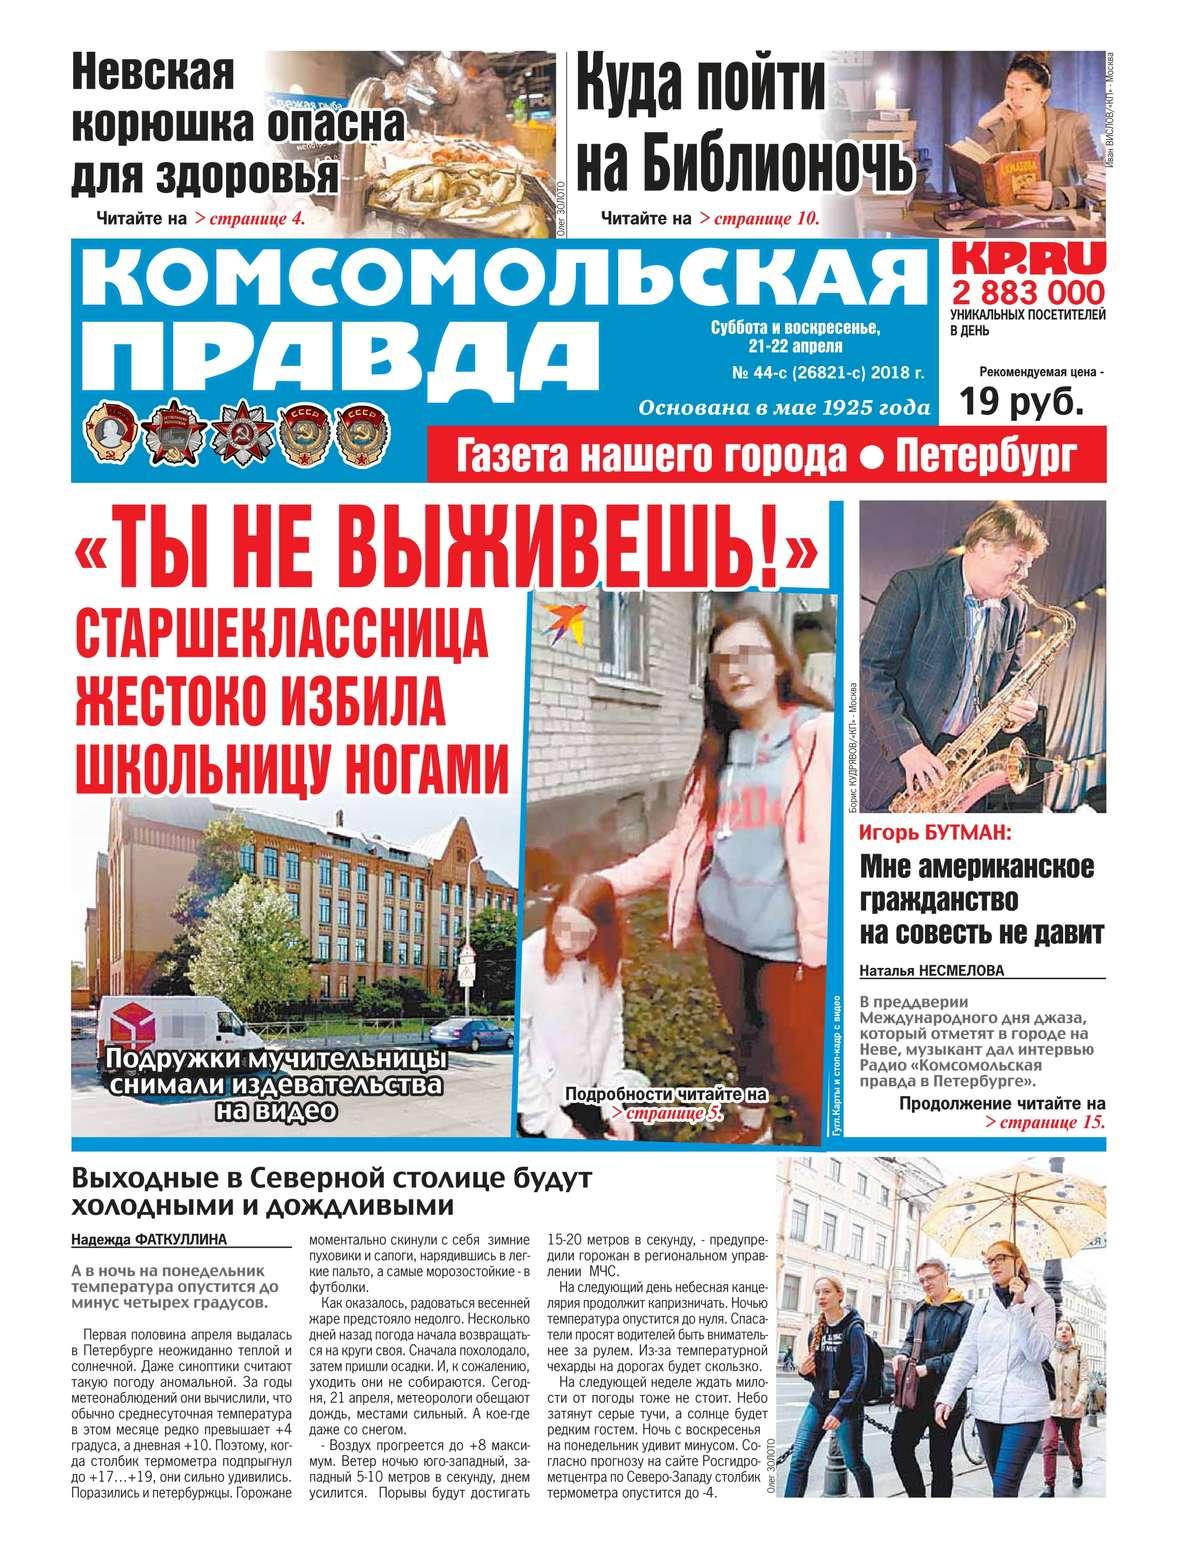 Комсомольская Правда. Санкт-Петербург 44с-2018